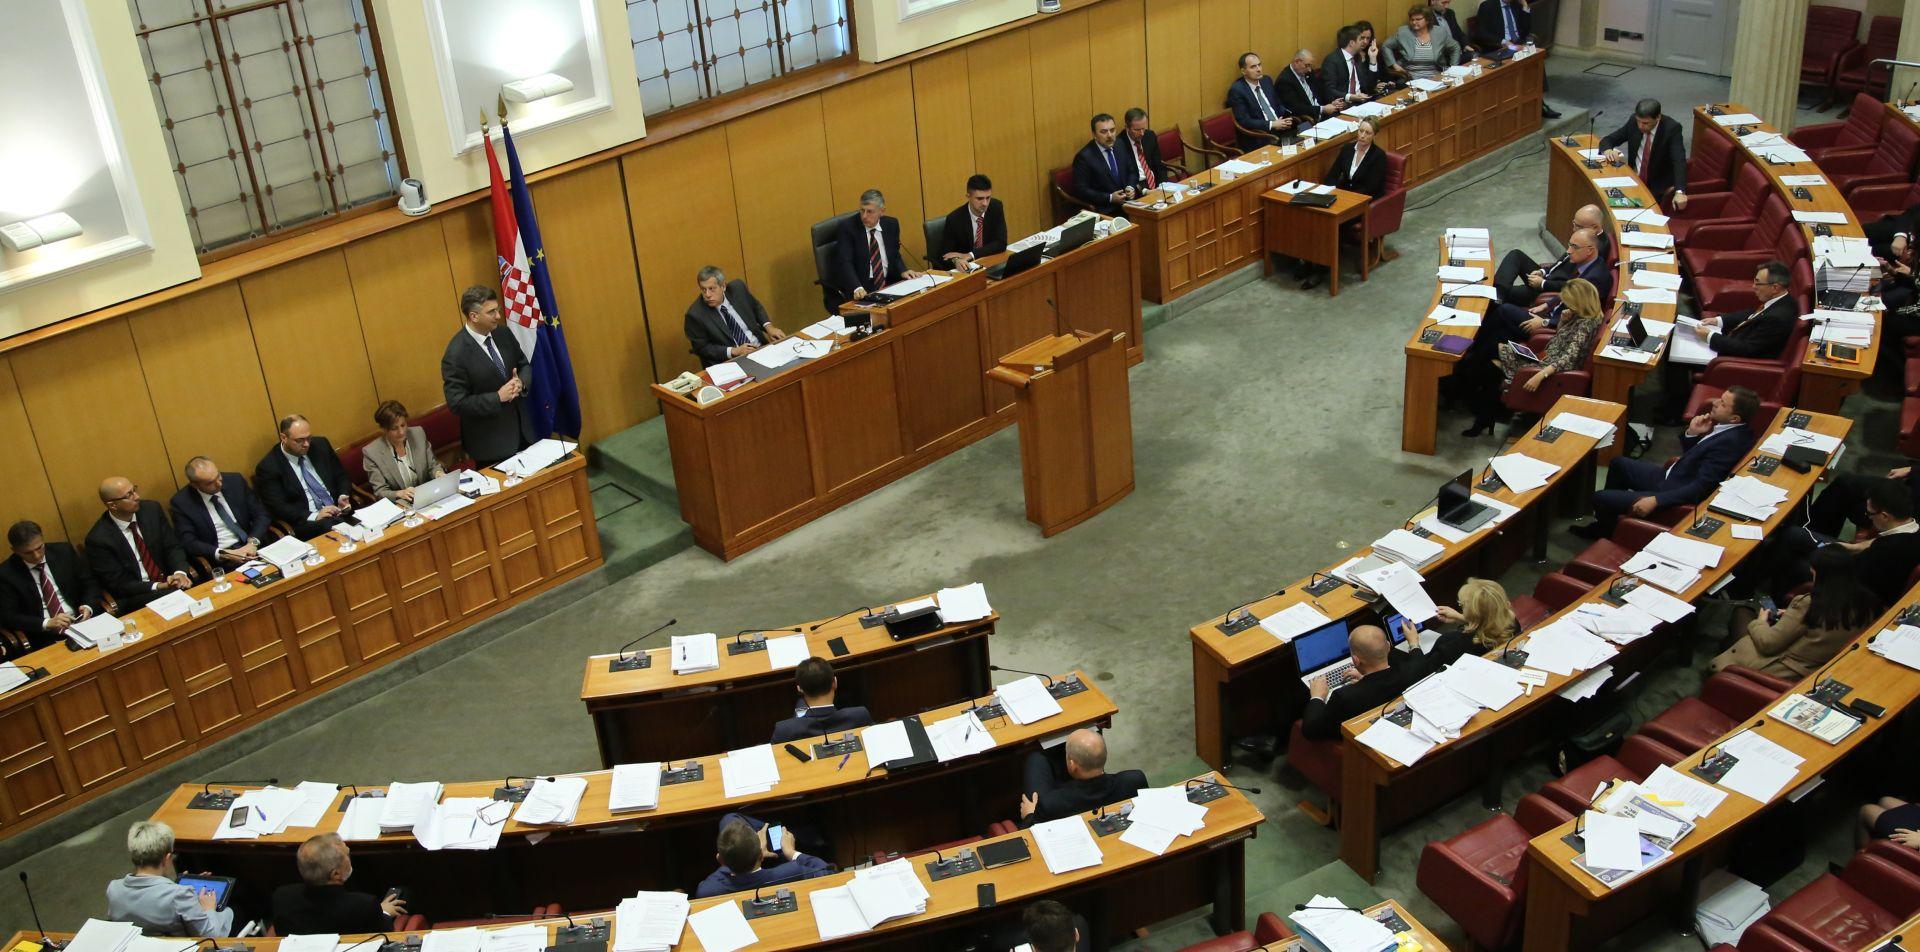 SRIJEDA U SABORU Aktualac, izvješće premijera pa rasprava o povjerenju Murganić